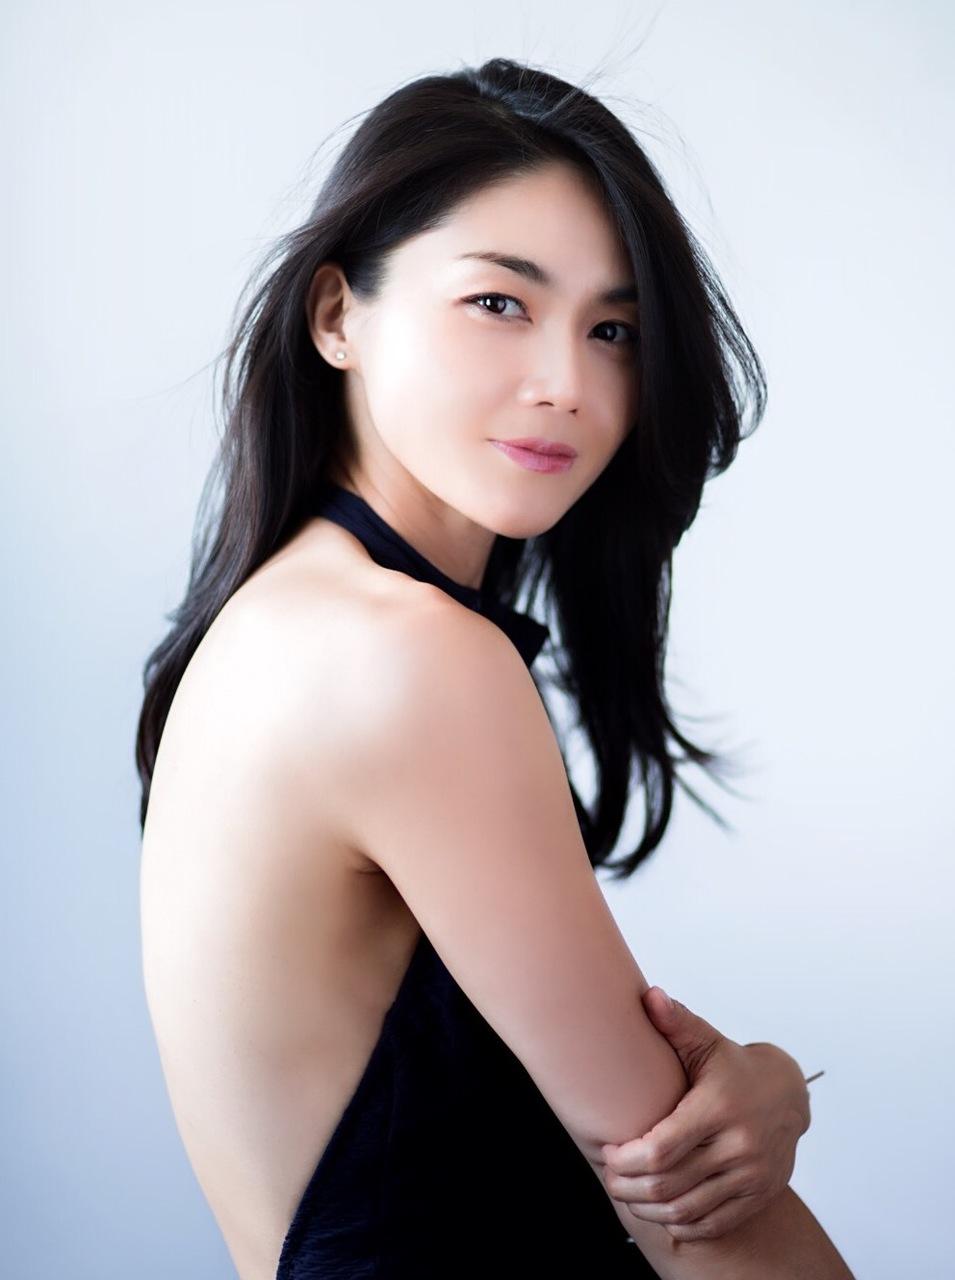 【ゼロトレ】考案者 石村友見さんが取得しているライセンス・資格